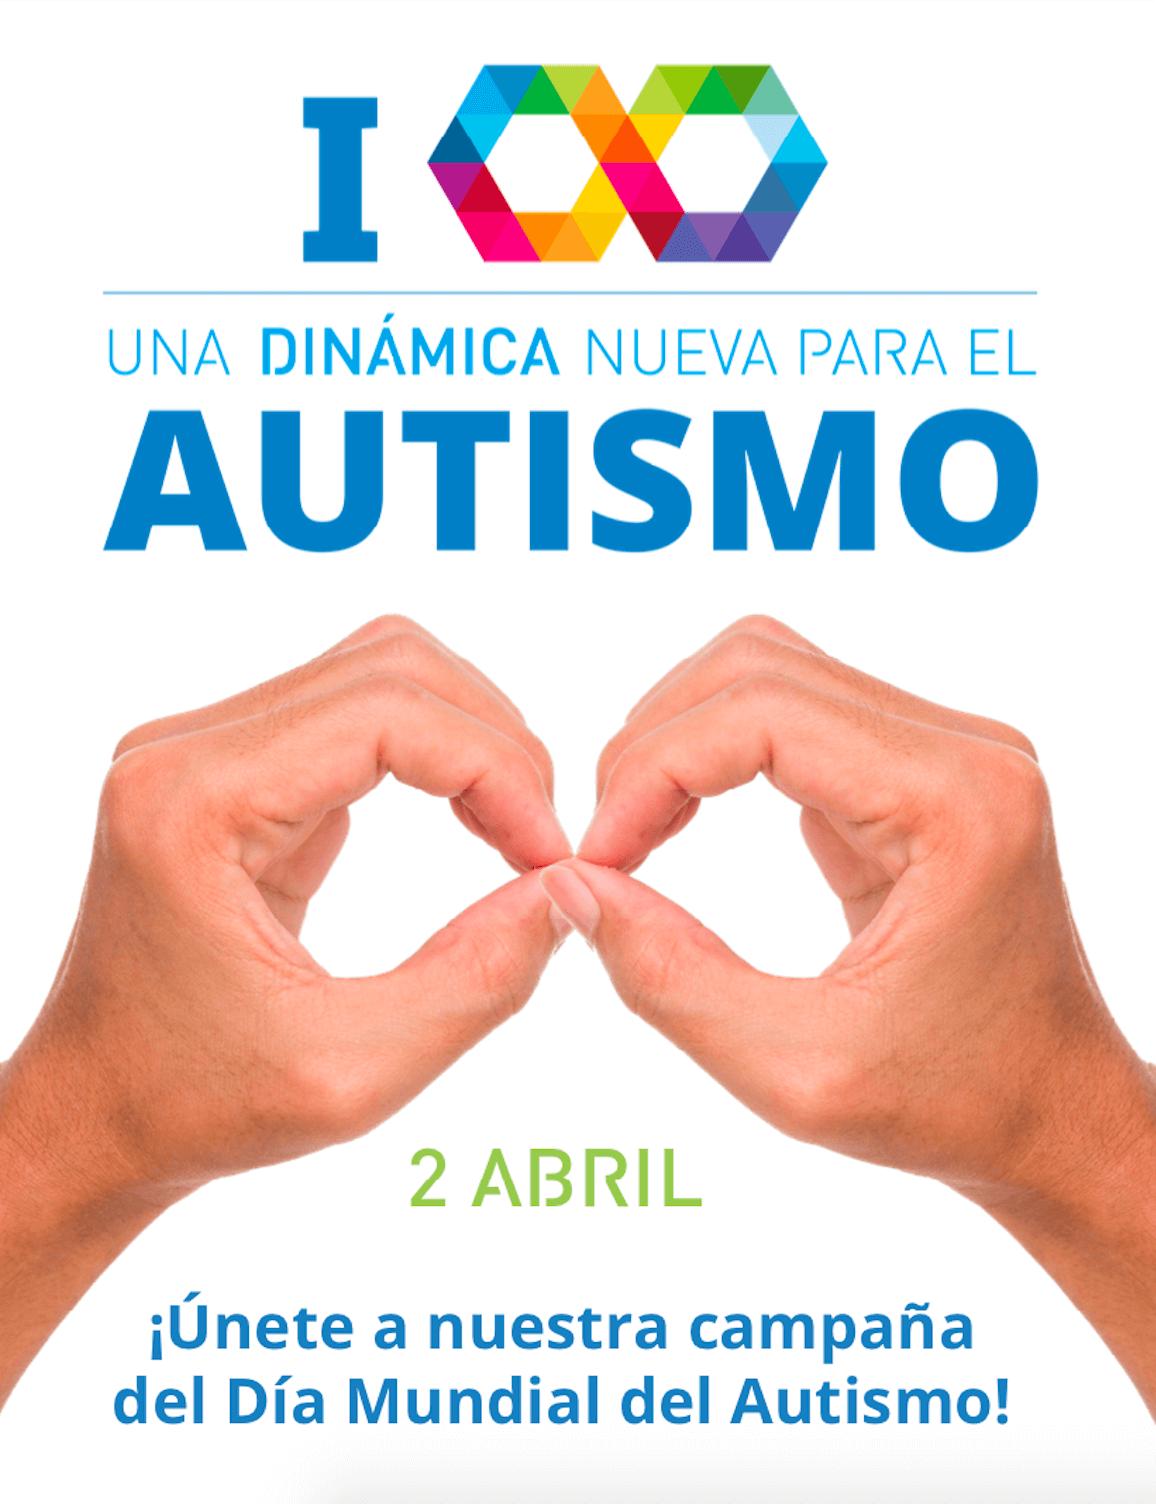 Día Mundial del Autismo 2019